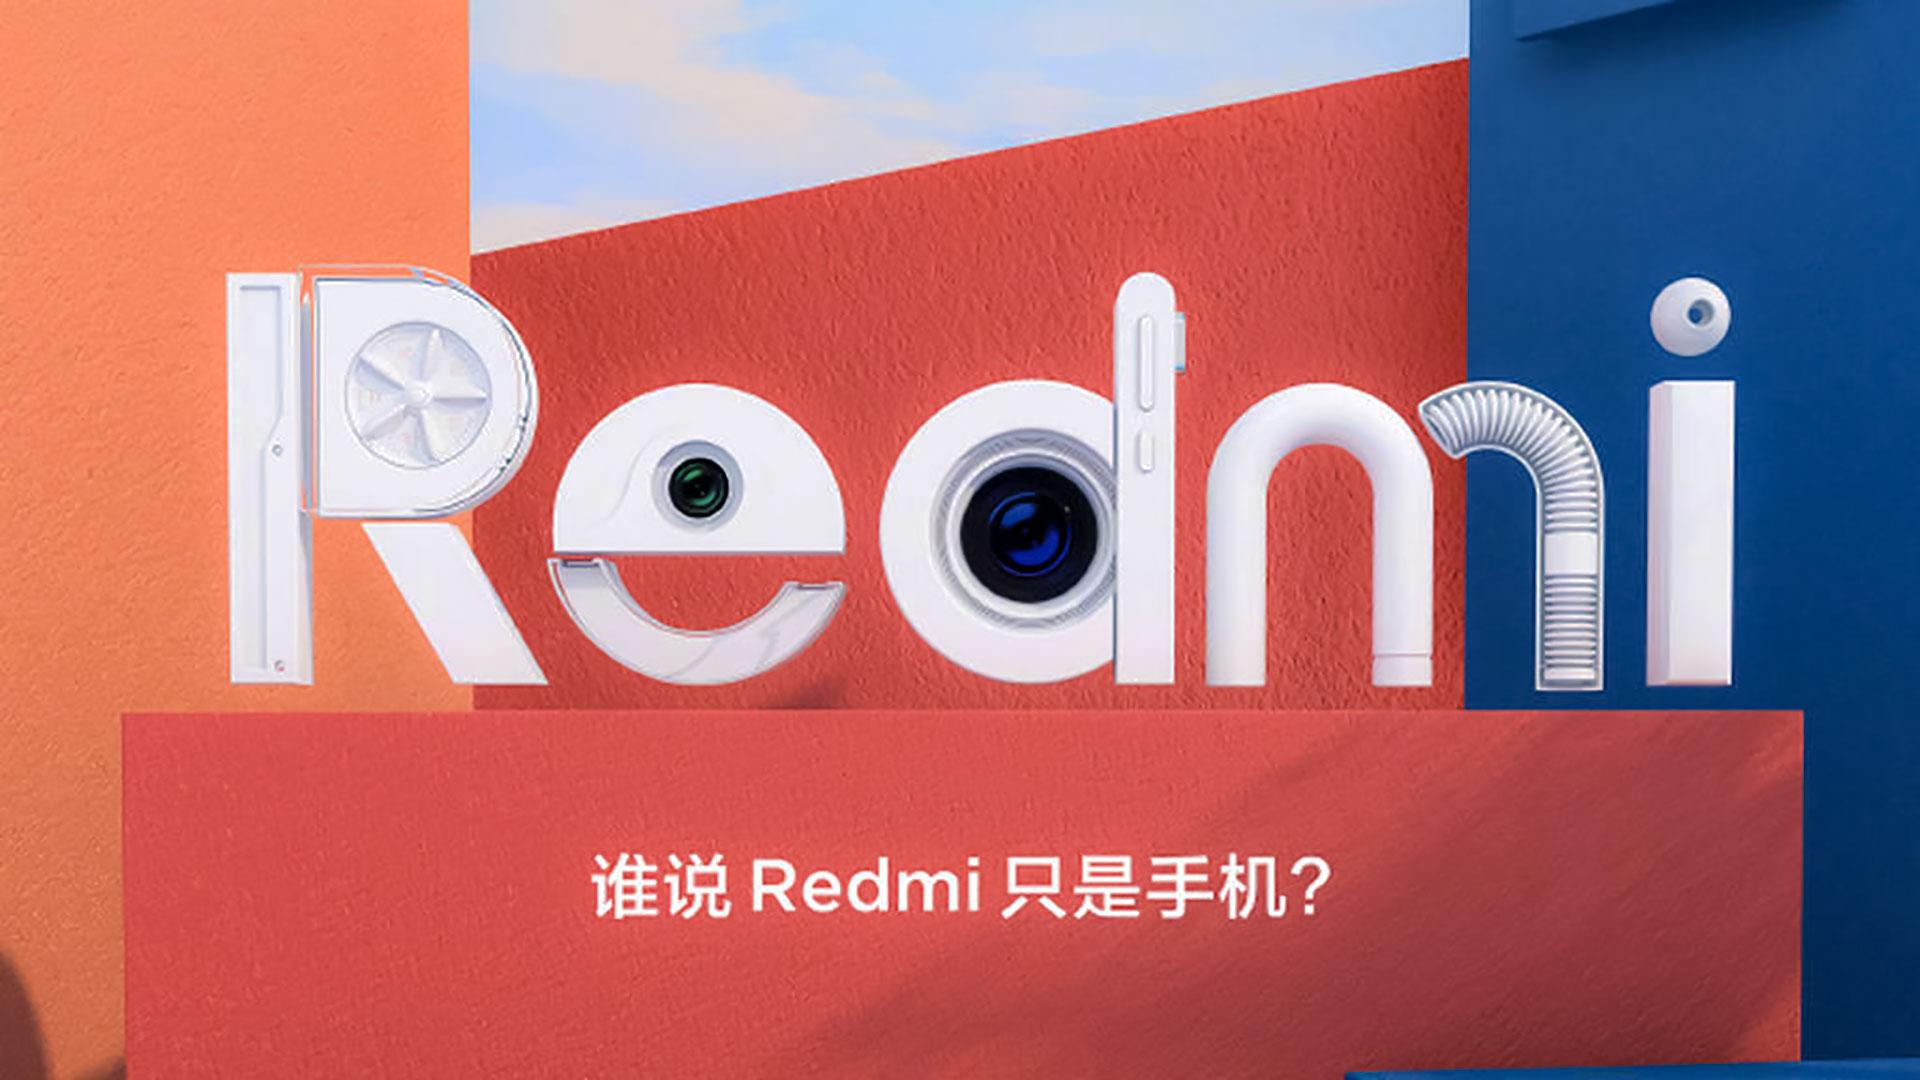 نام گوشی ردمی نوت ۸ (Redmi Note 8) رسما تایید شد